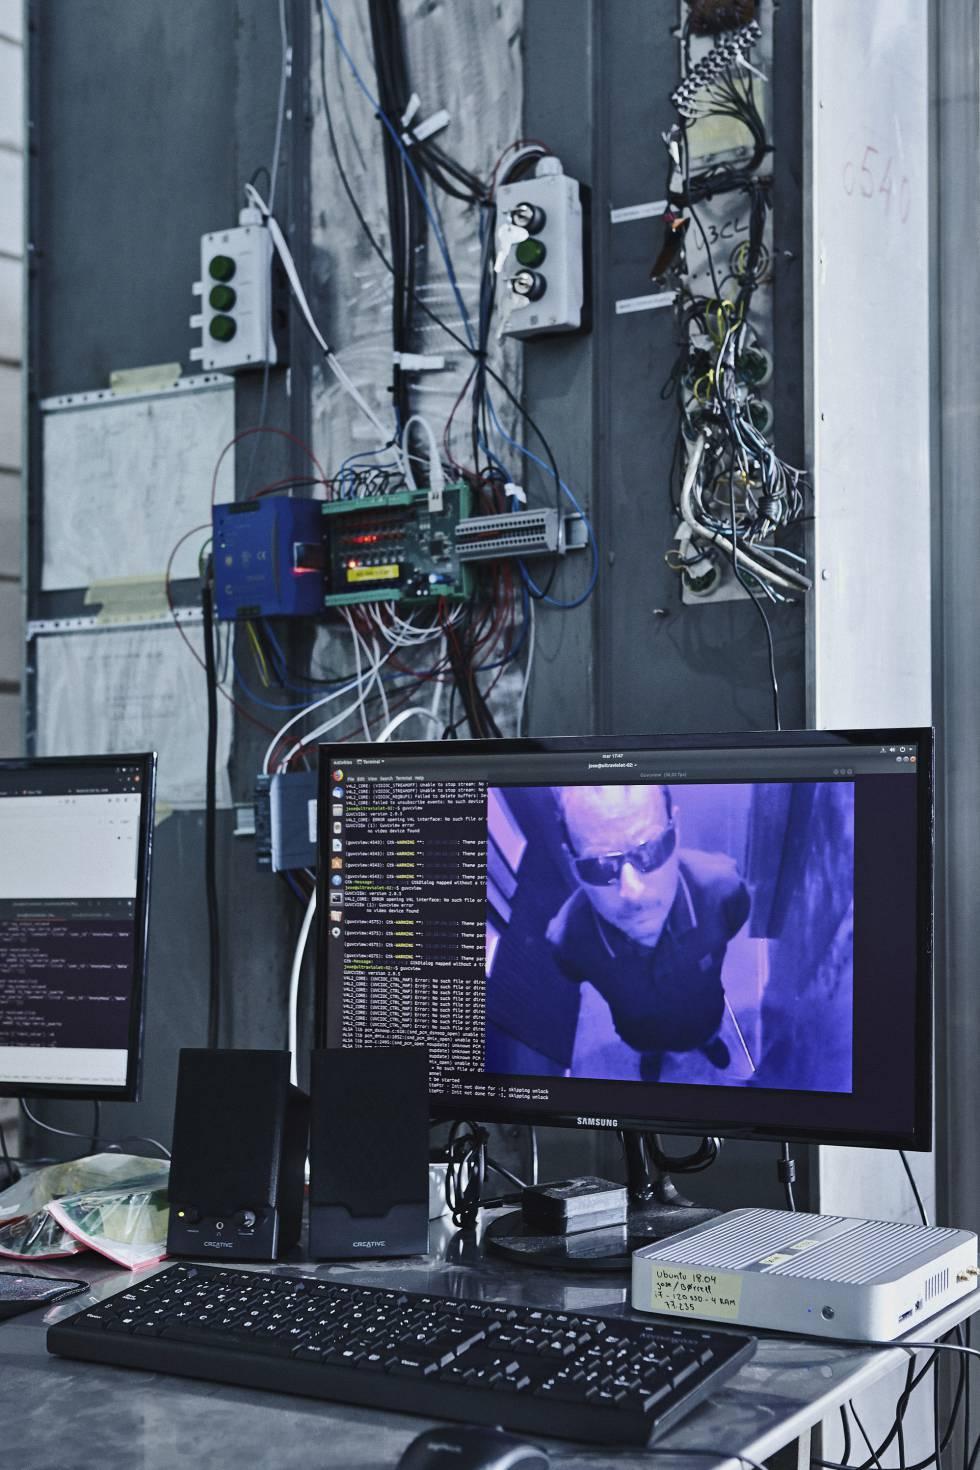 Una cámara muestra a Roig, dentro del ascensor, durante el proceso de desinfección.